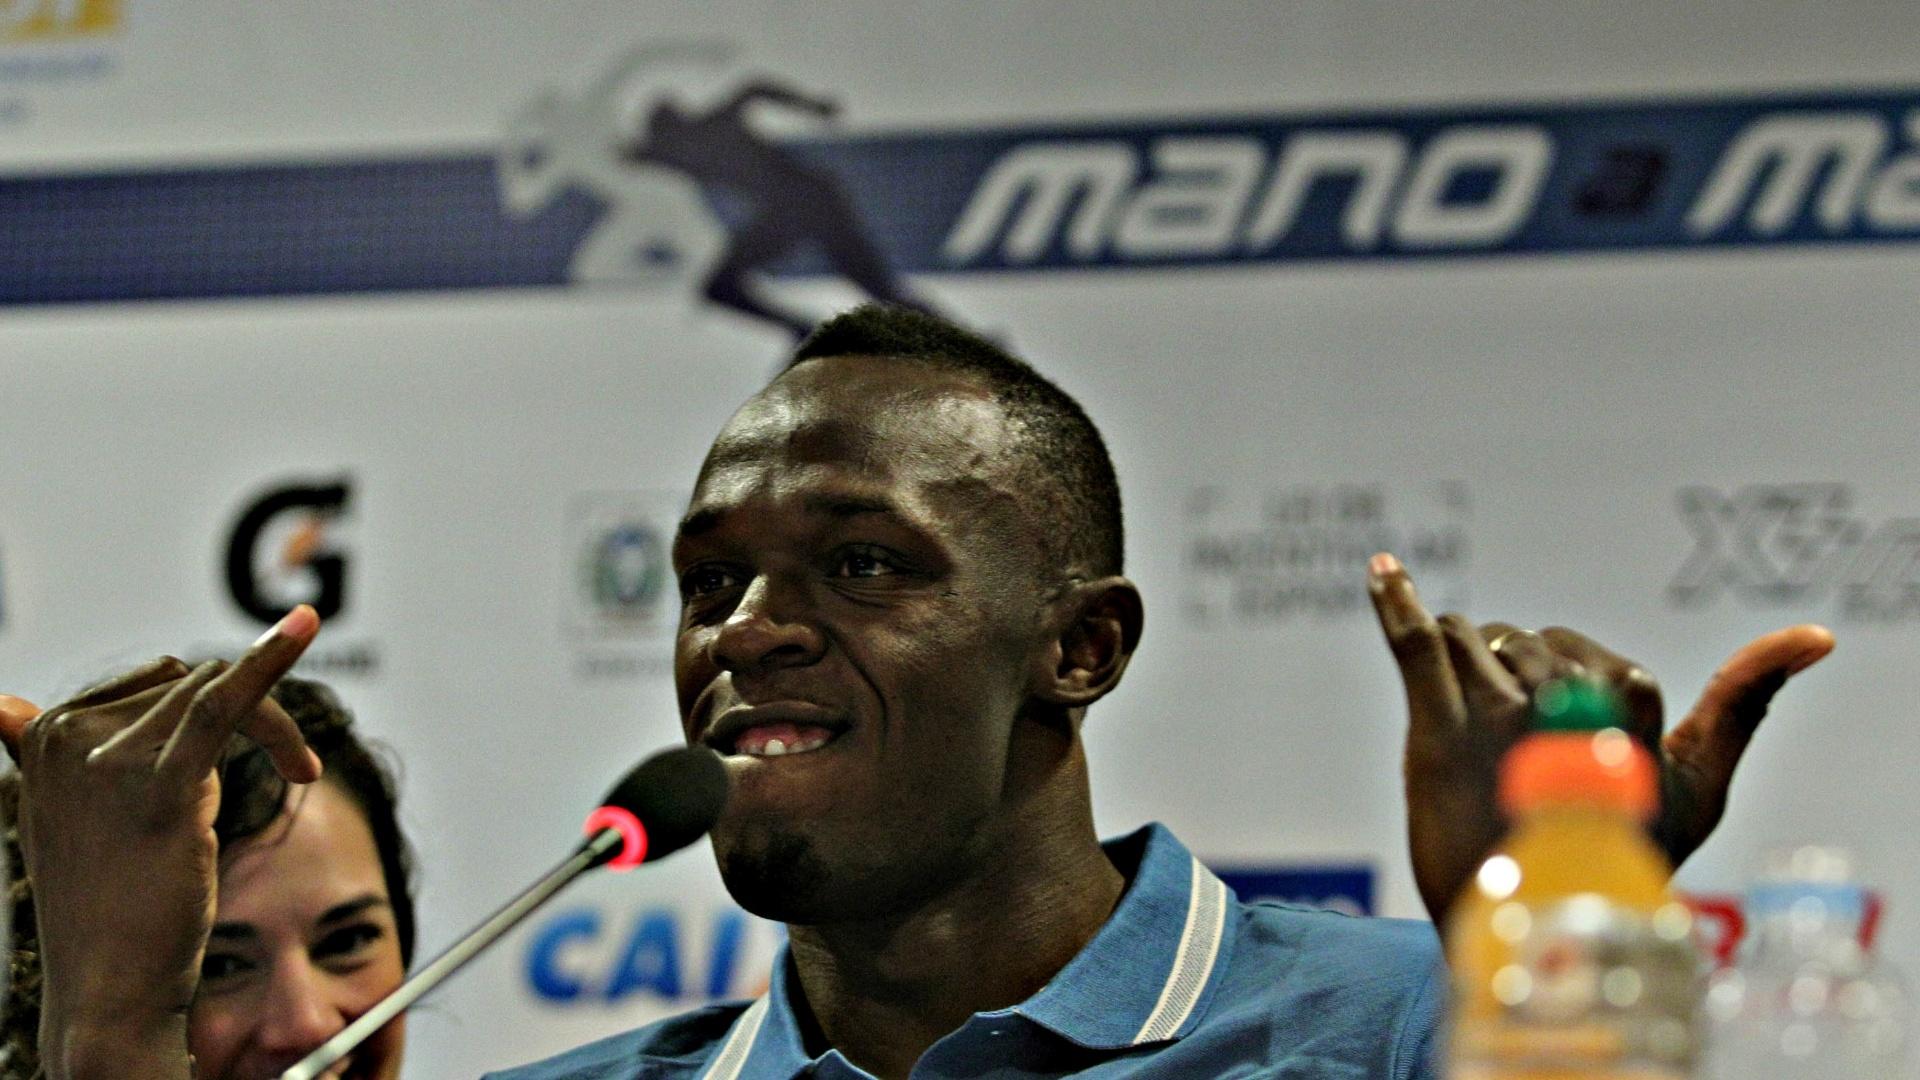 28.mar.2013 - Usain Bolt brinca durante coletiva de imprensa no Rio de Janeiro, onde no próximo domingo disputará prova de 150 m em Copacabana